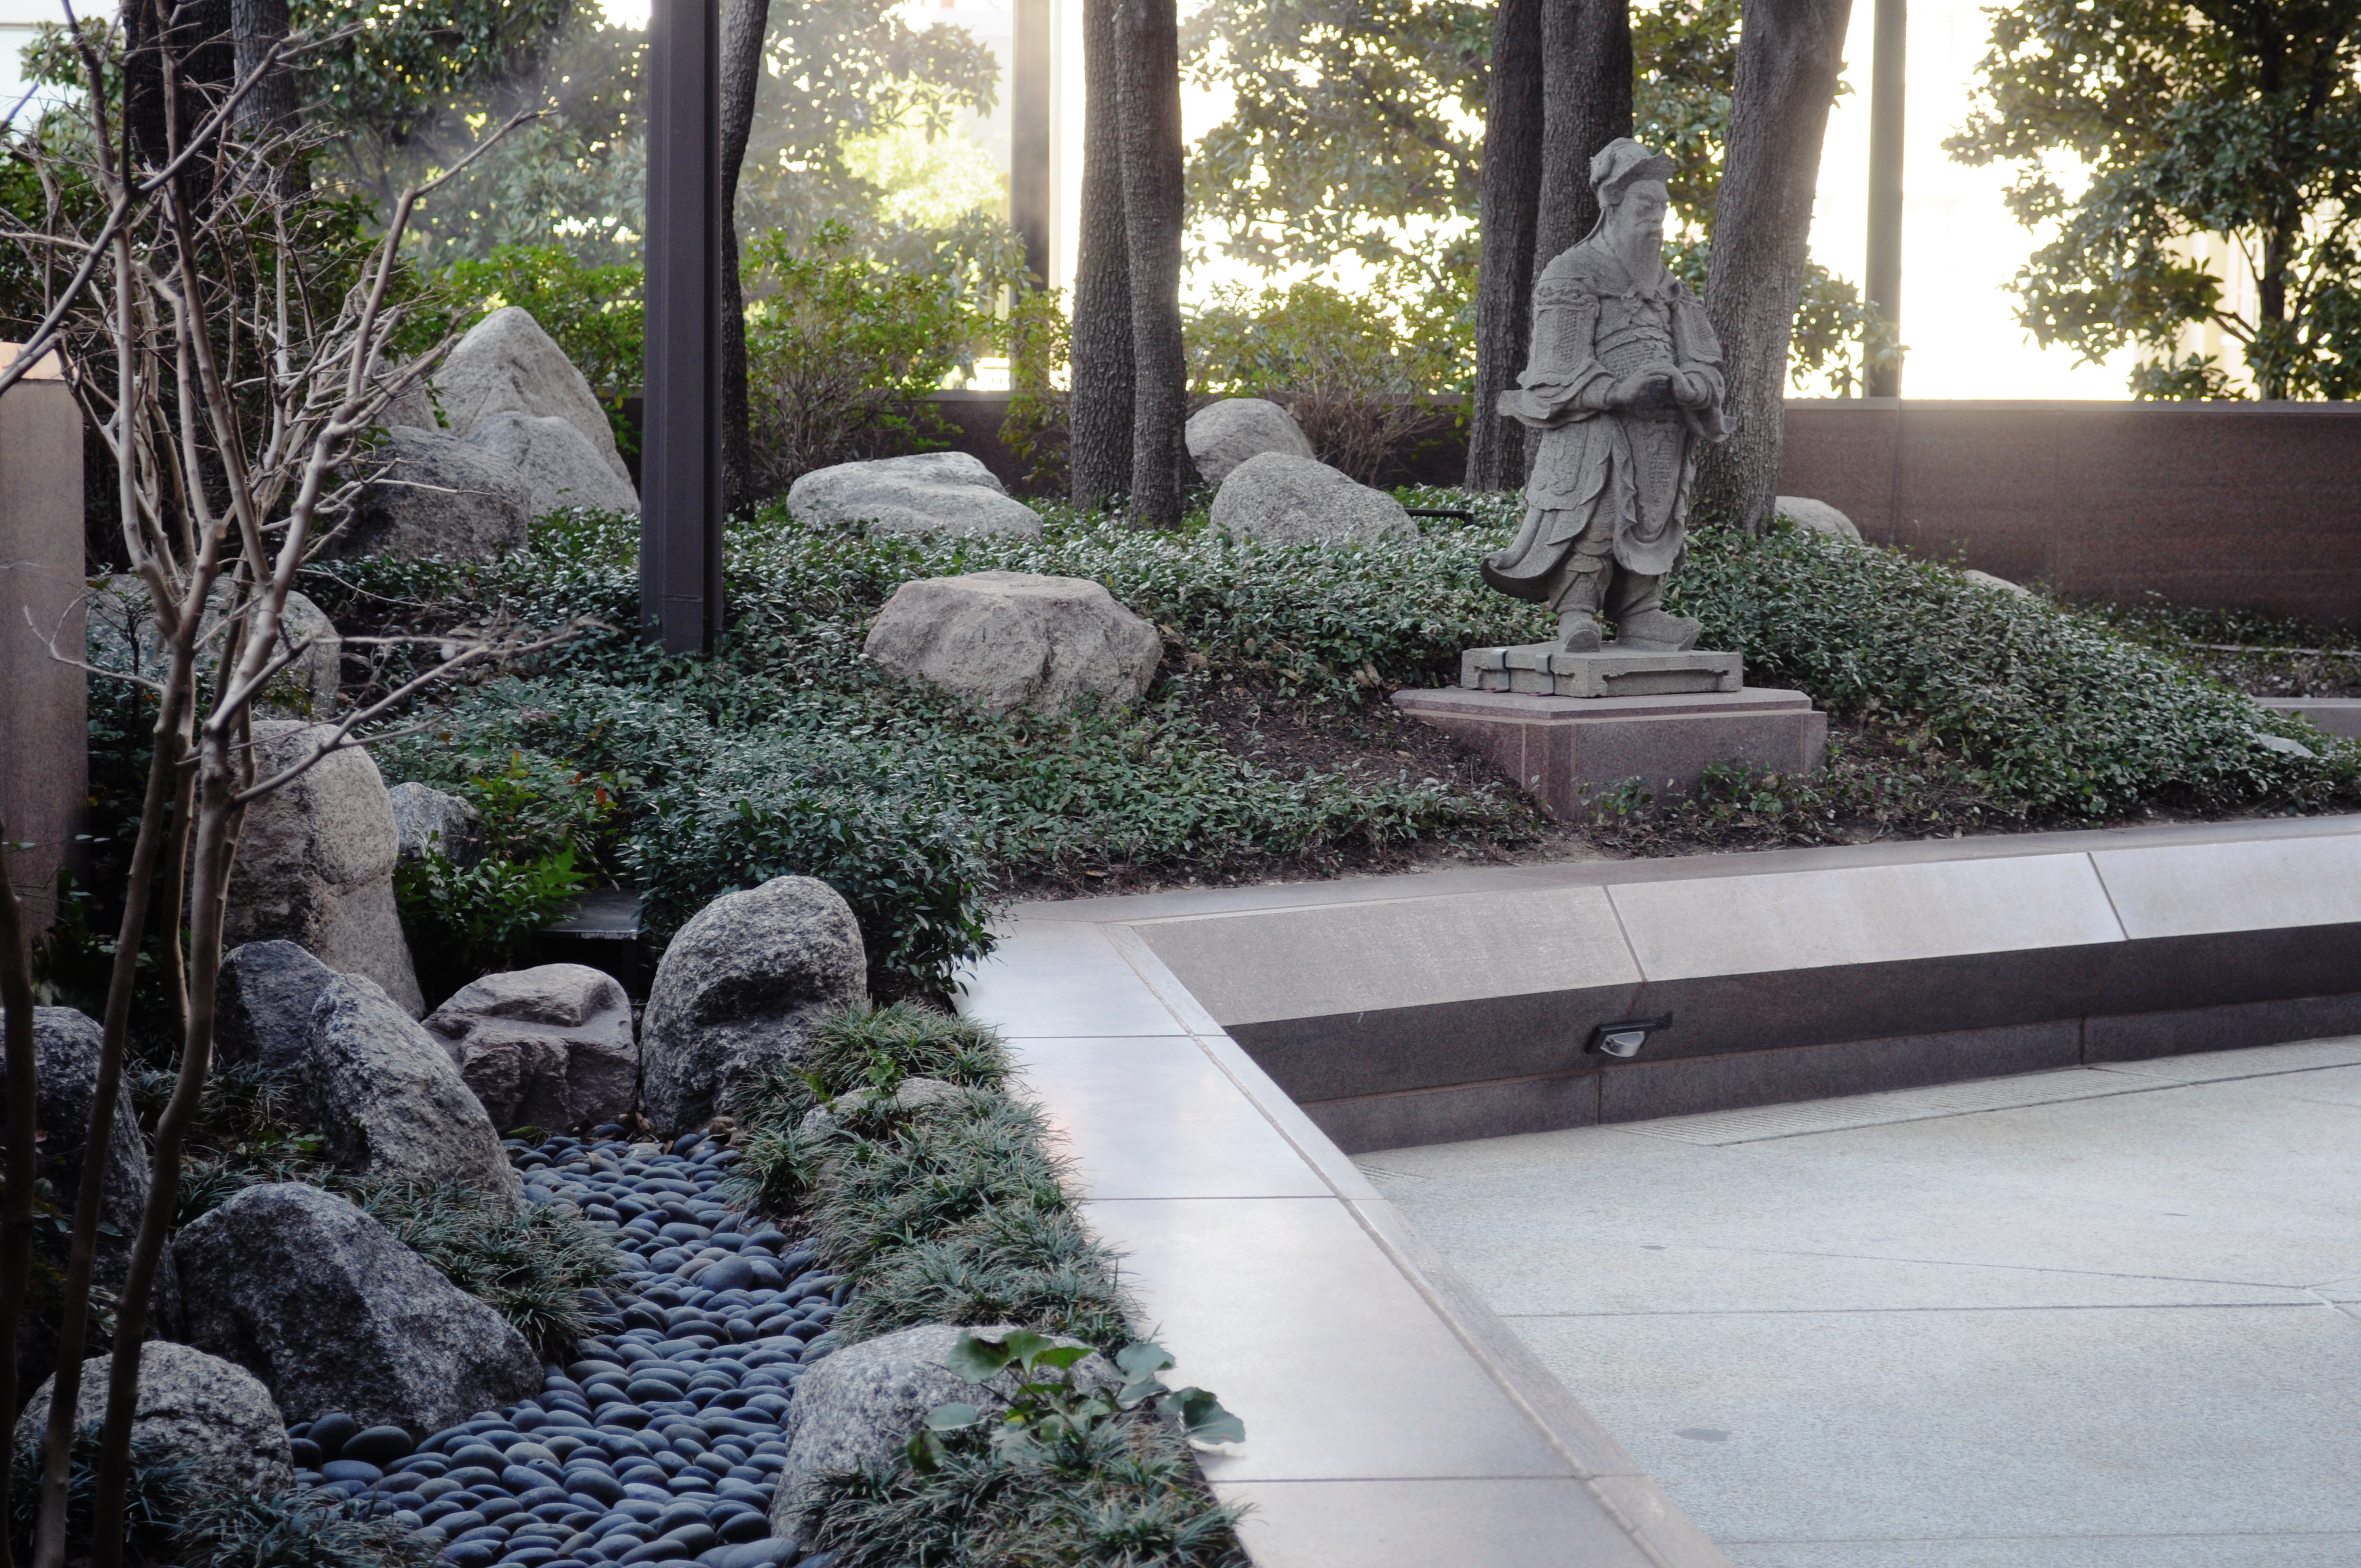 FileCrow Asian Sculpture Garden 01jpg Wikimedia Commons